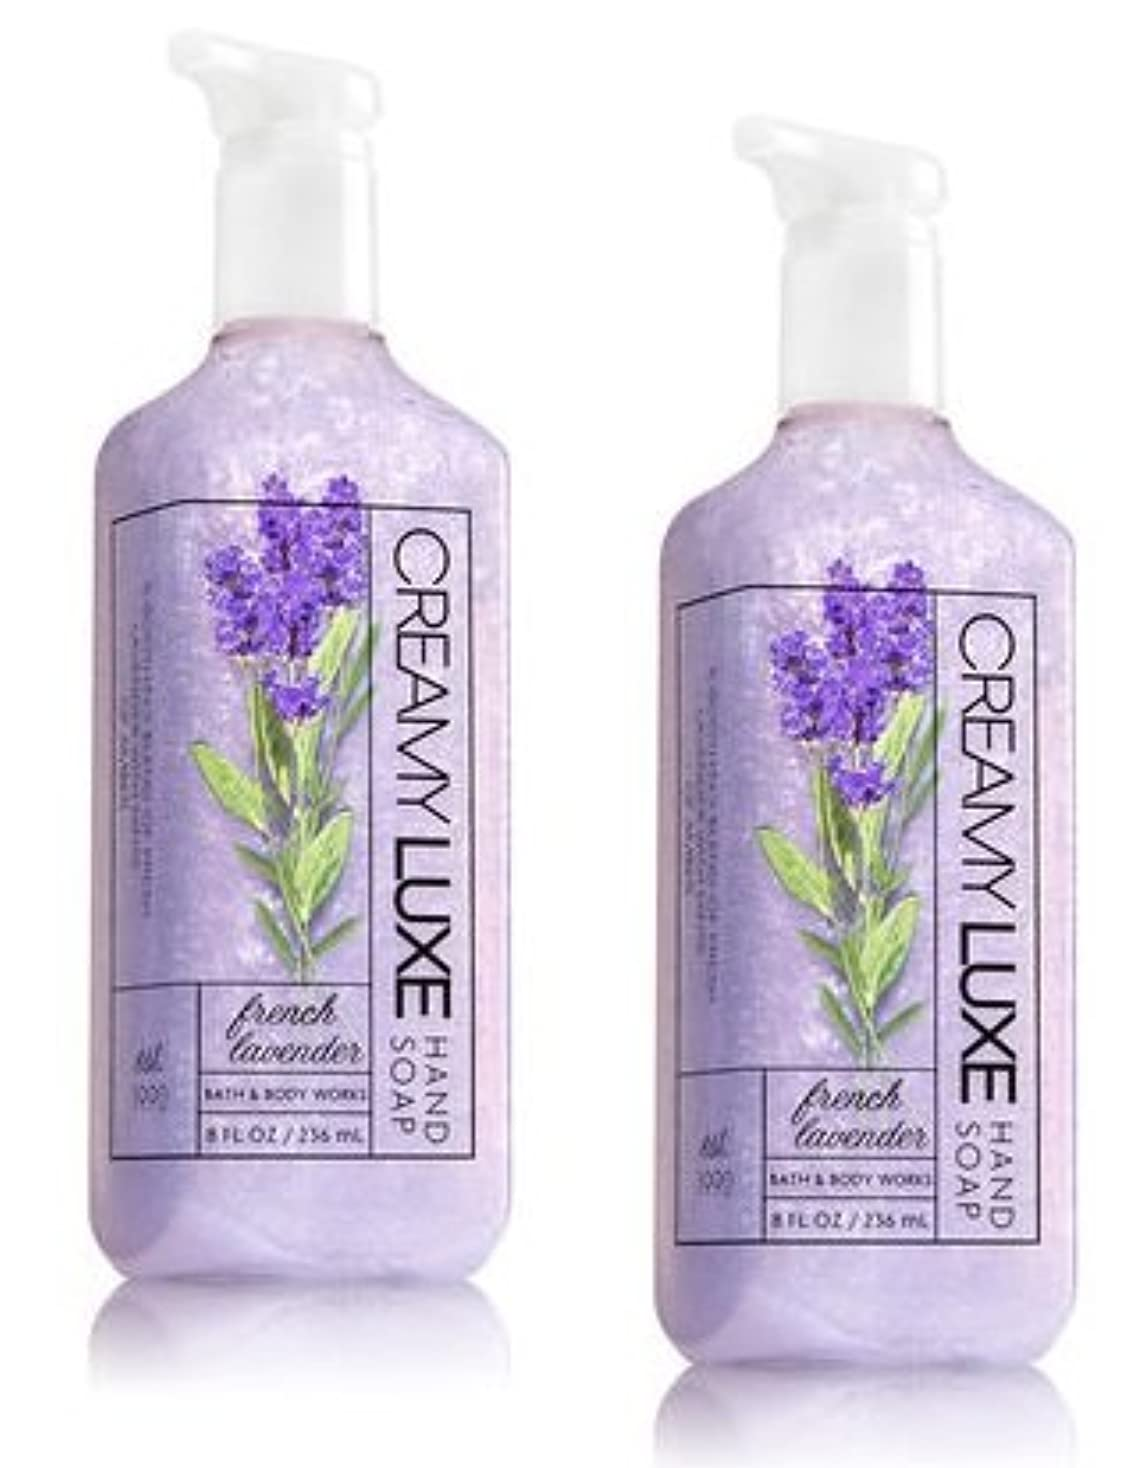 枯れる分割葉を拾うBath & Body Works フレンチラベンダー クリーミー リュクス ハンドソープ 2本セット French Lavender Creamy Luxe Hand Soap. 8 oz [並行輸入品]